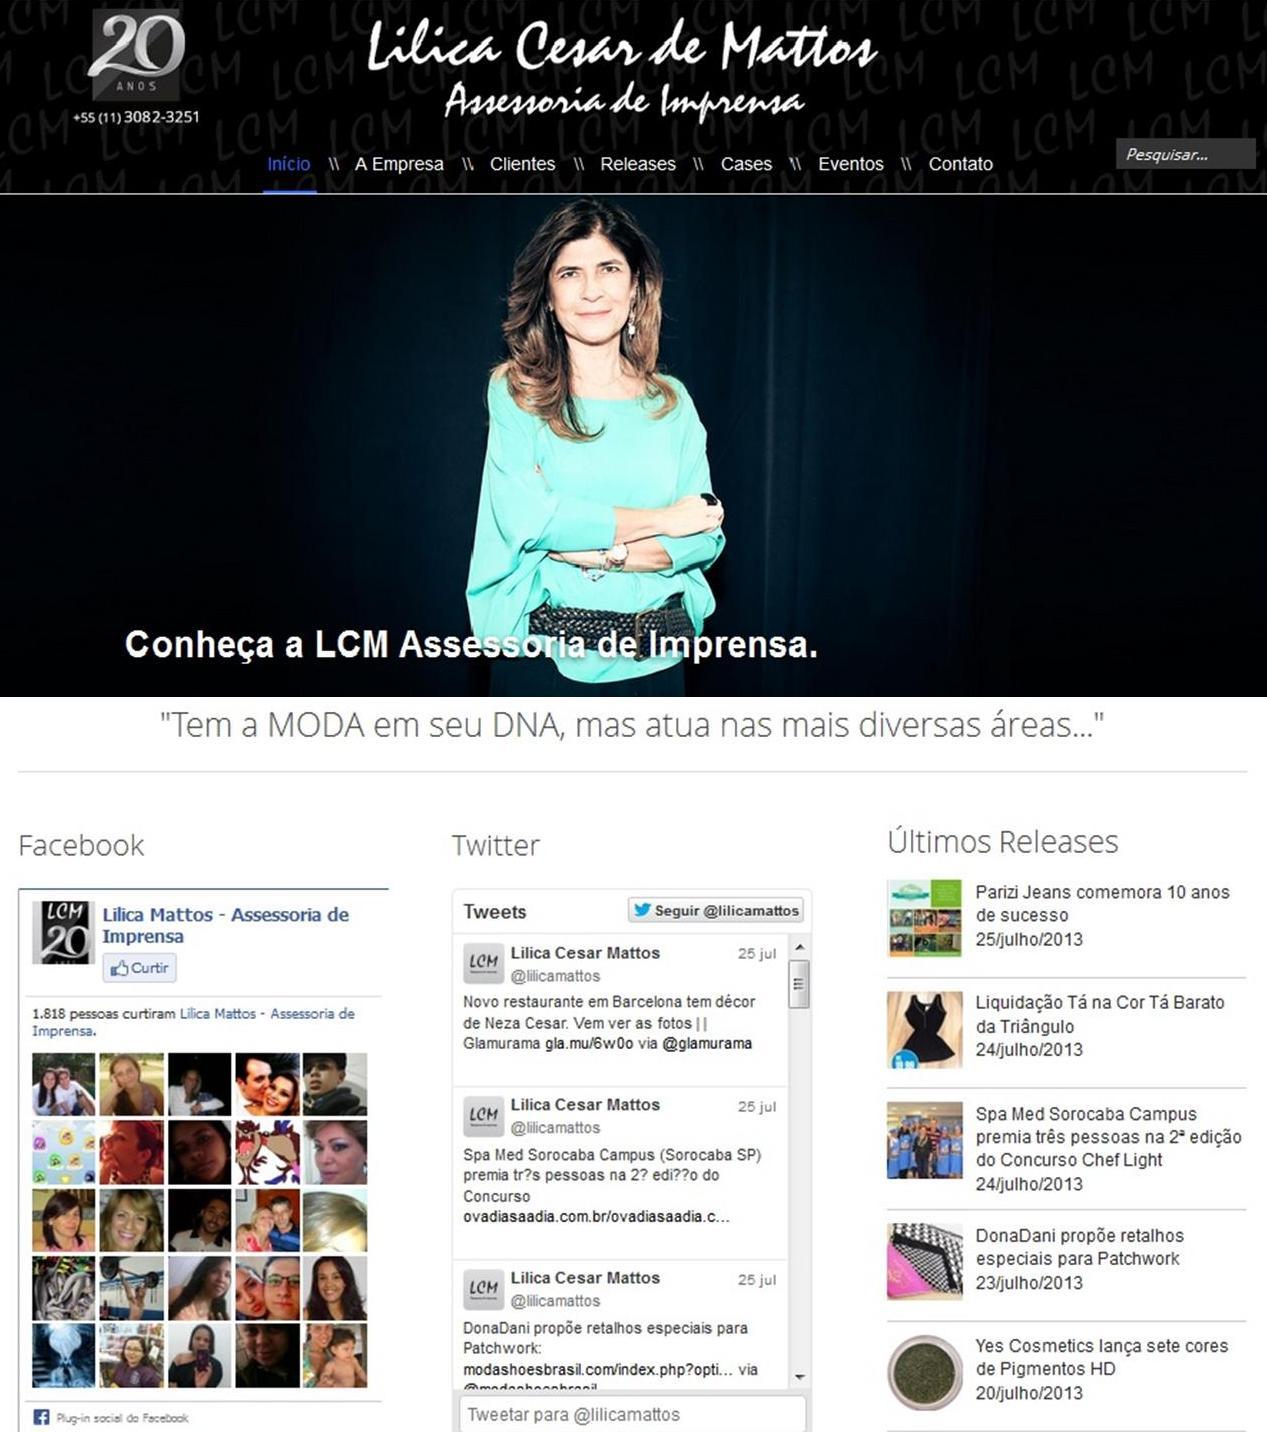 Lilica Mattos - Assessoria de Imprensa | 20 Anos